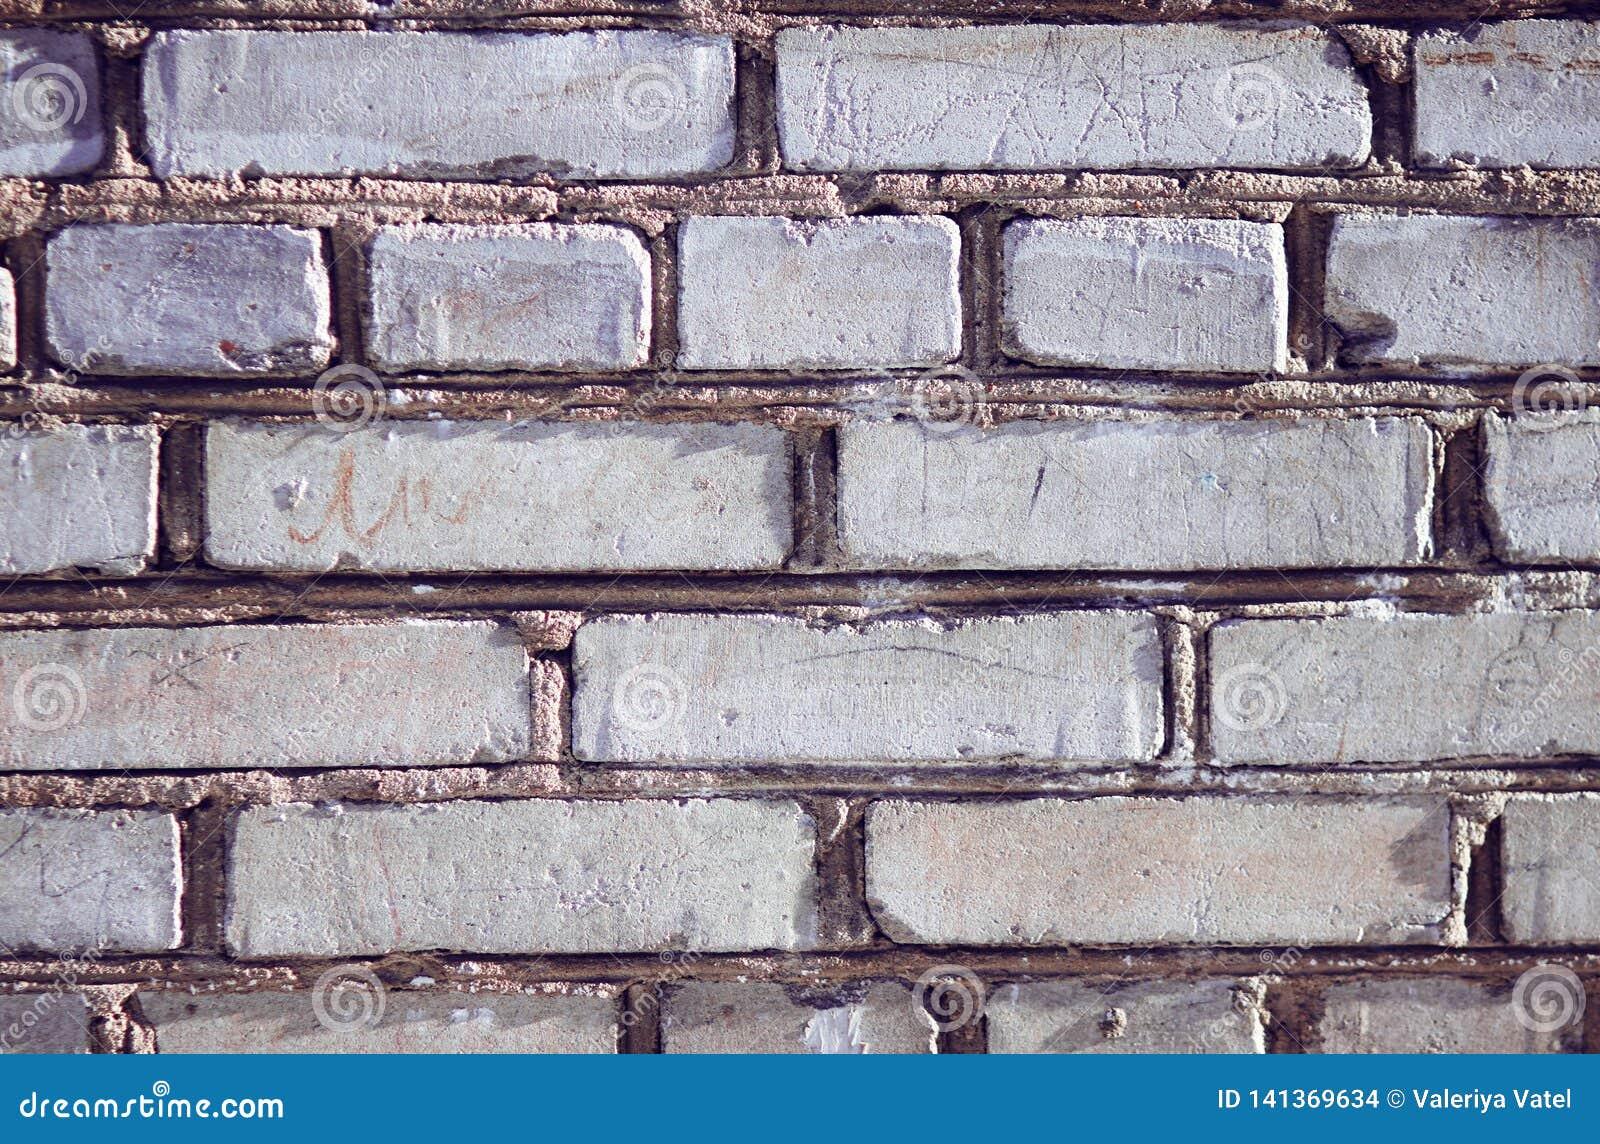 Ο γκρίζος τοίχος του κτηρίου, που χτίζεται των τραχιών ανώμαλων τούβλων